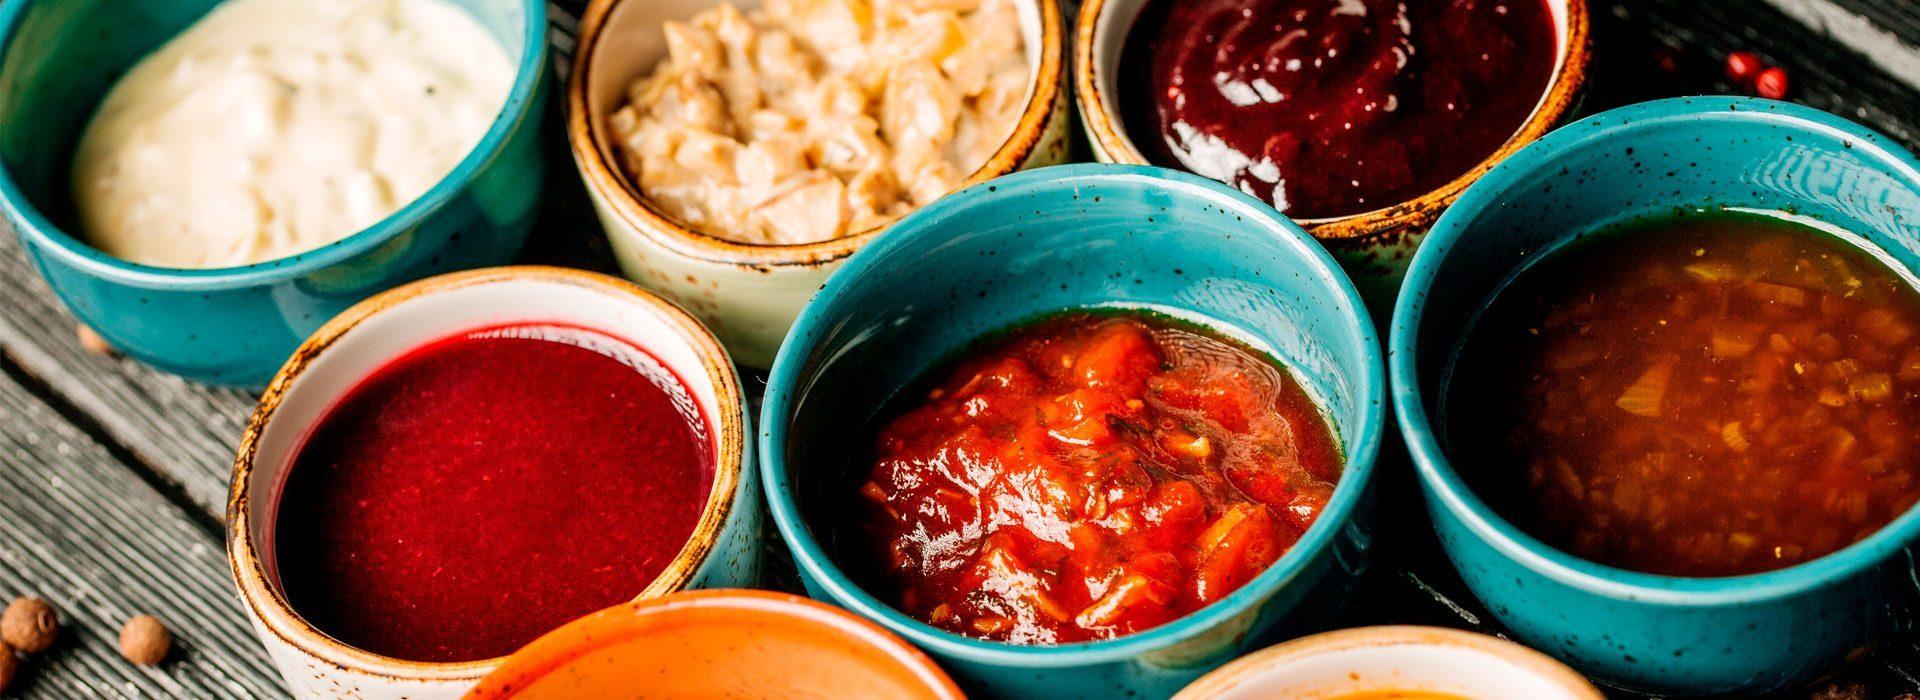 Aceites, salsas y condimentos